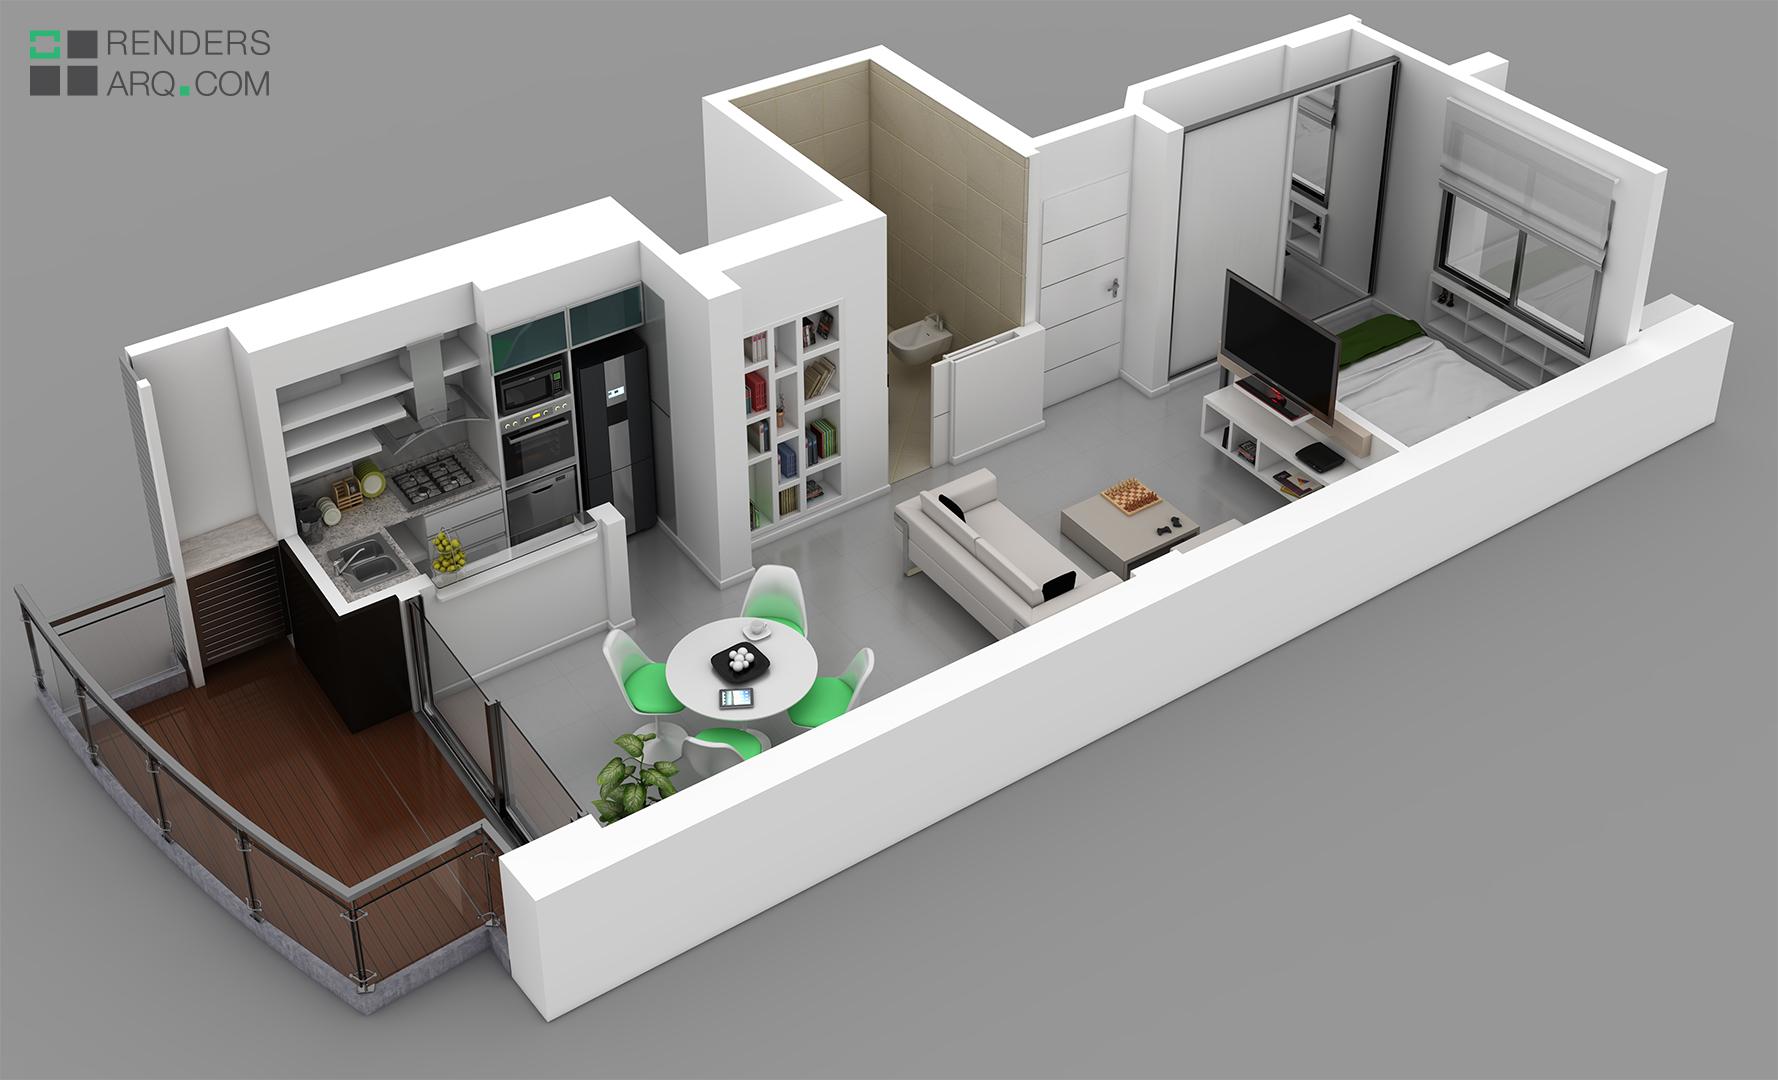 Edificio san martin renders arquitectura for Maquetas de apartamentos modernos